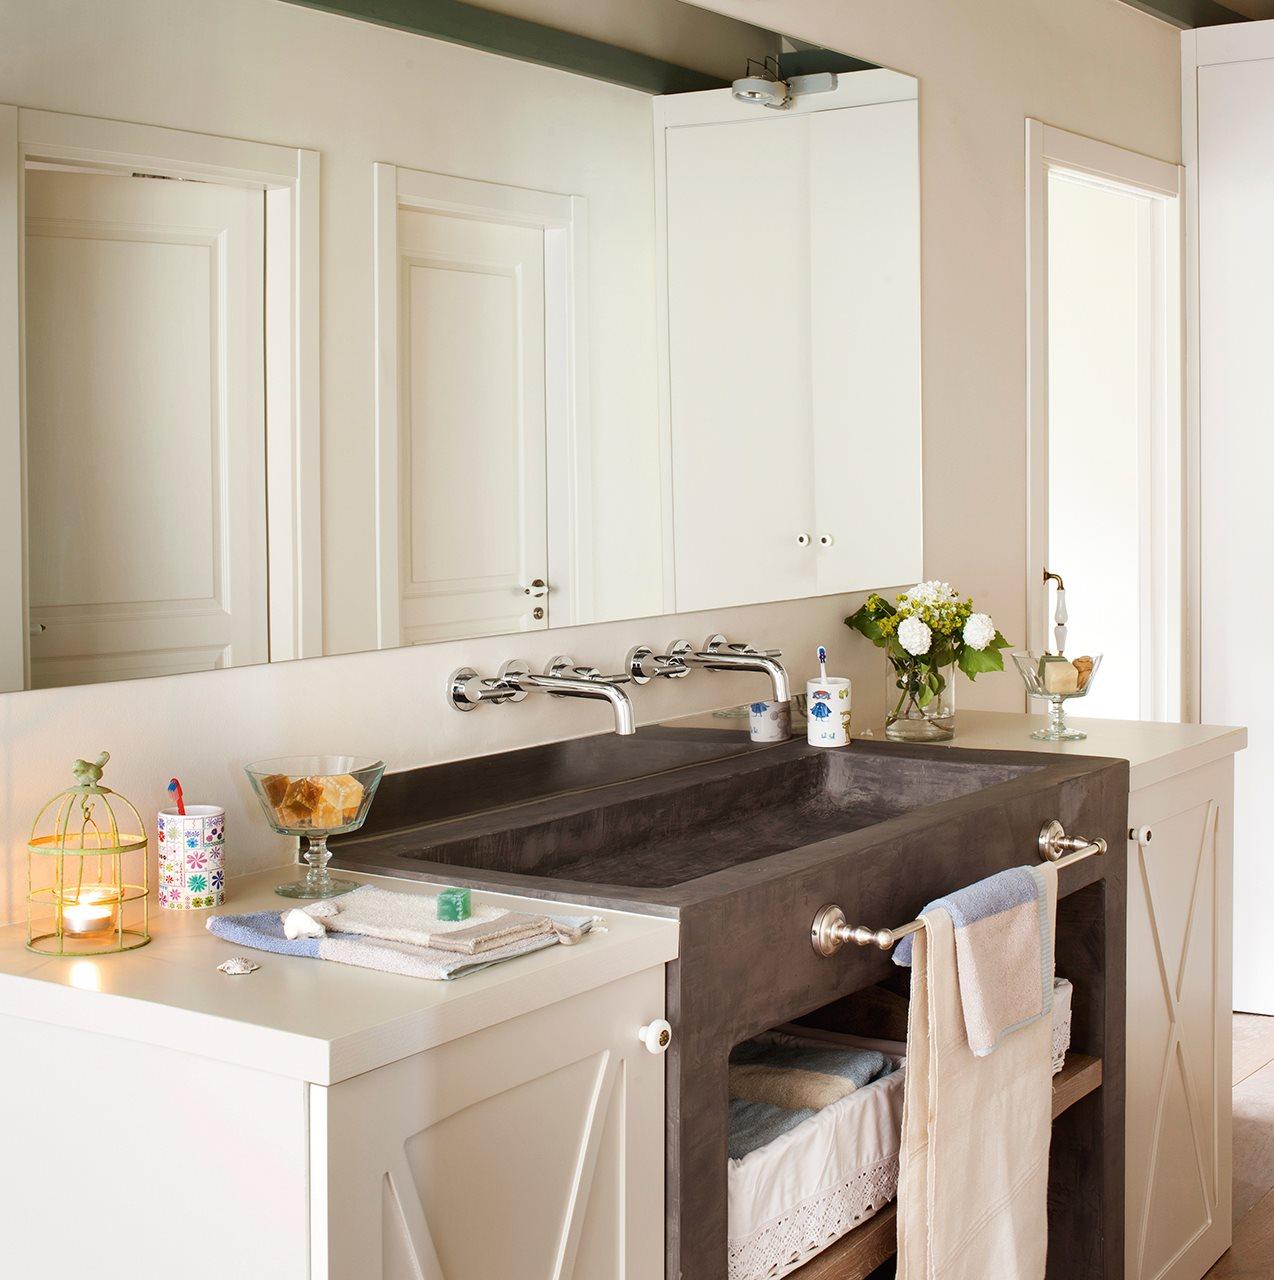 Baño Microcemento Blanco:muebles baño etiquetas muebles baño